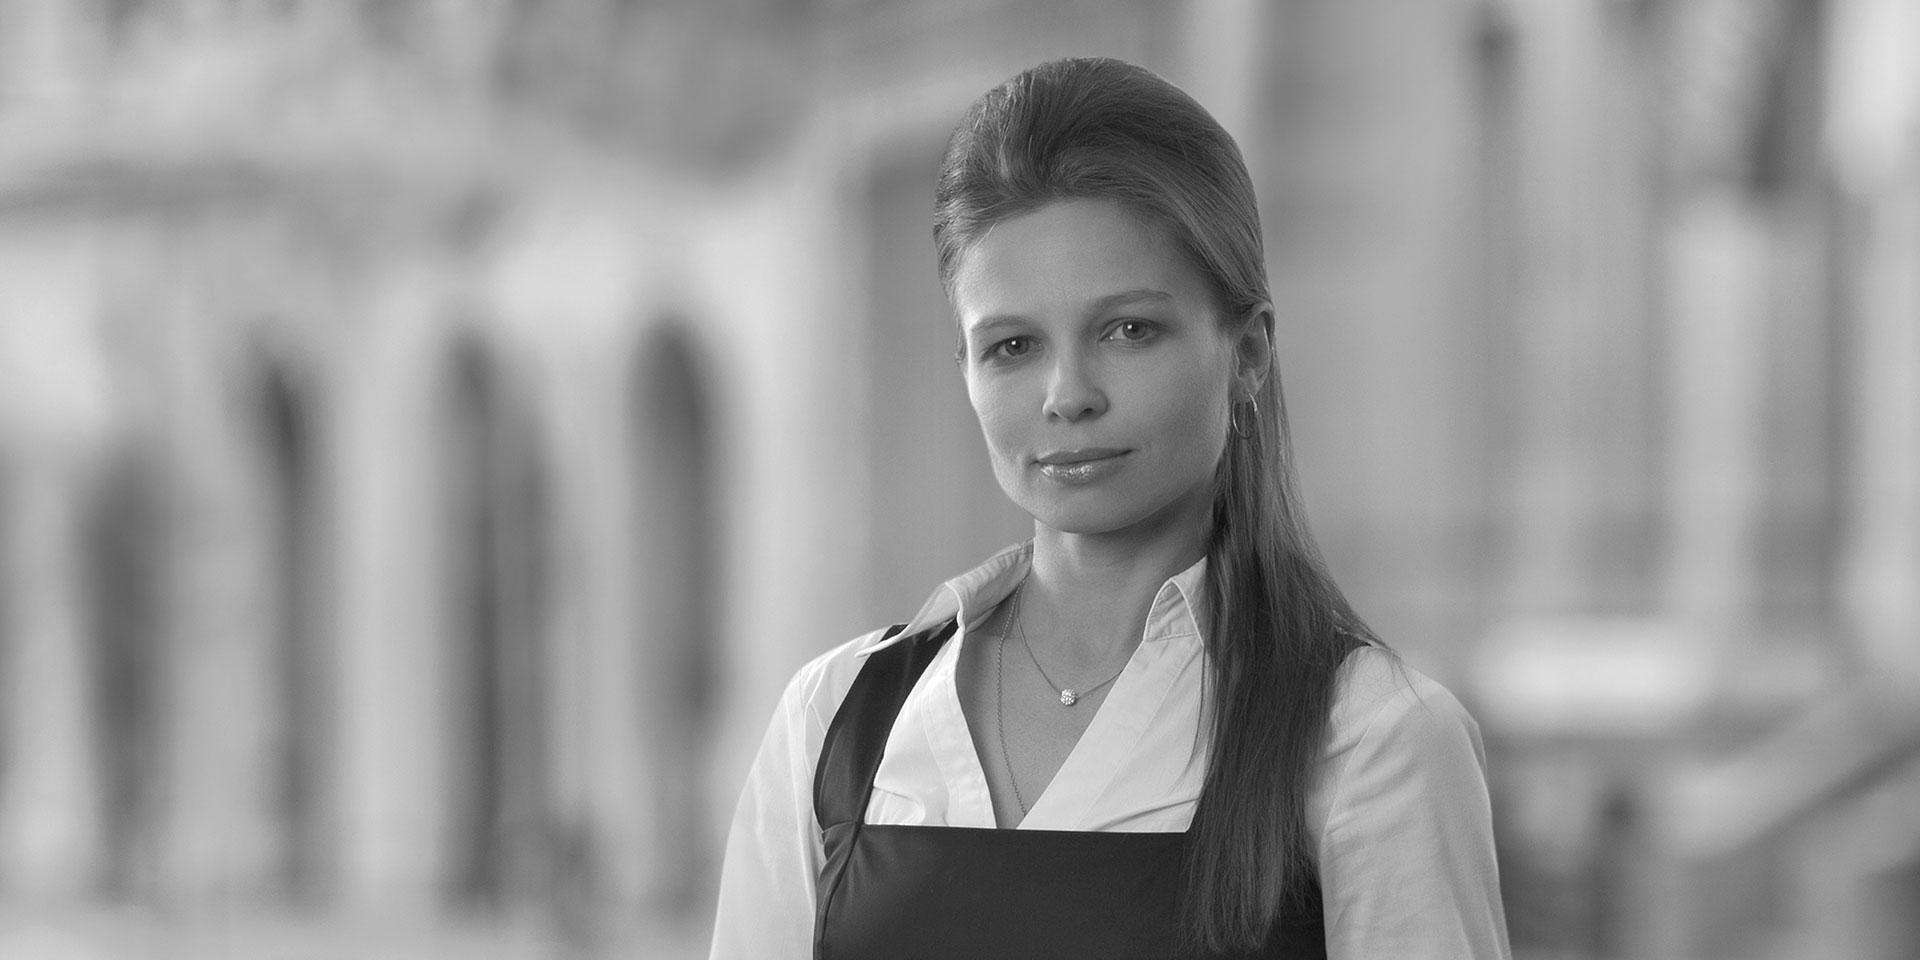 Irina Degtyar